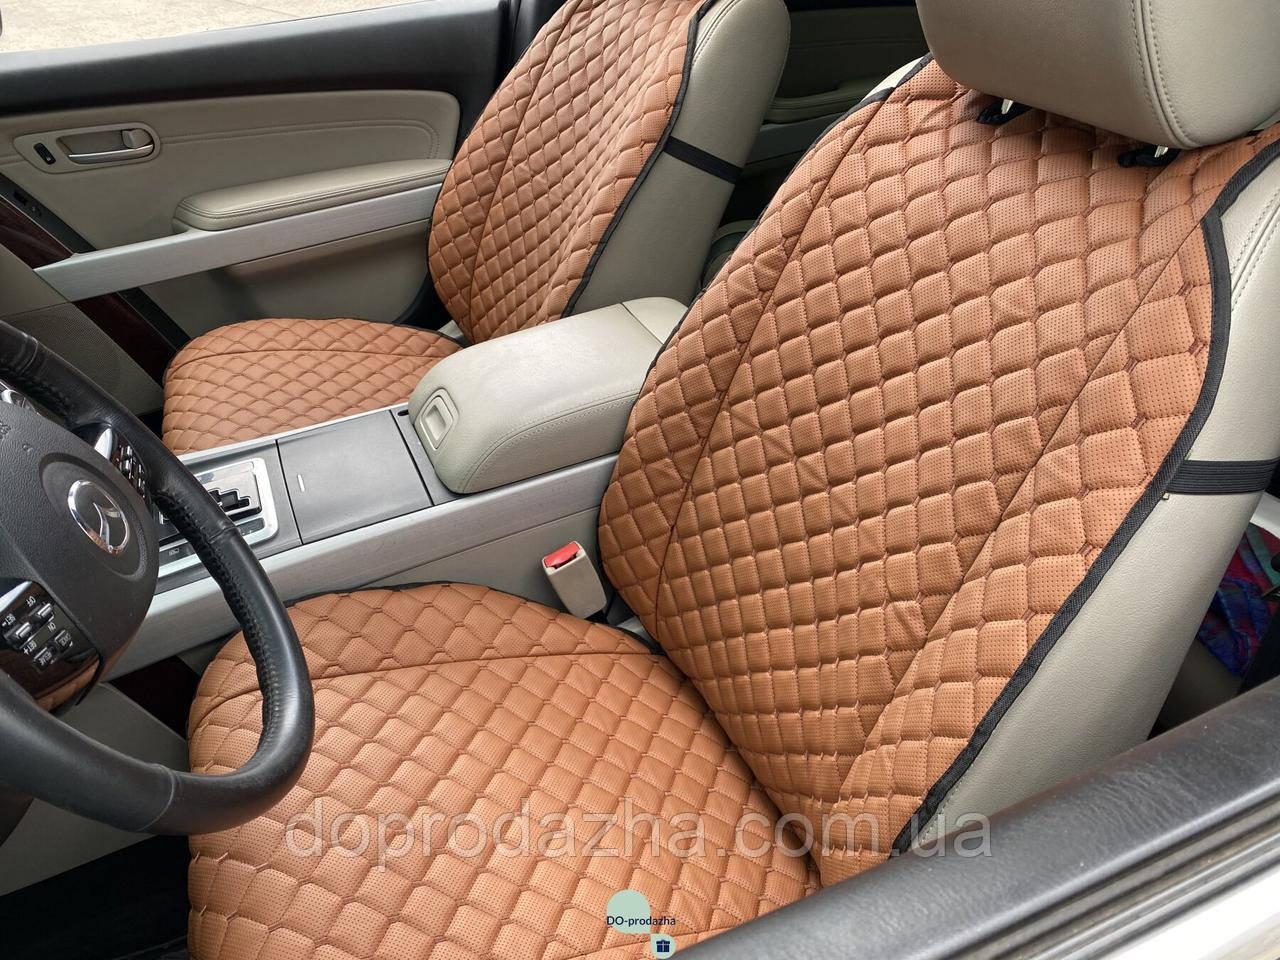 Накидки для авто з перфорованої екошкіри, коричневі з коричневої рядком, Преміум +, Передній комплект